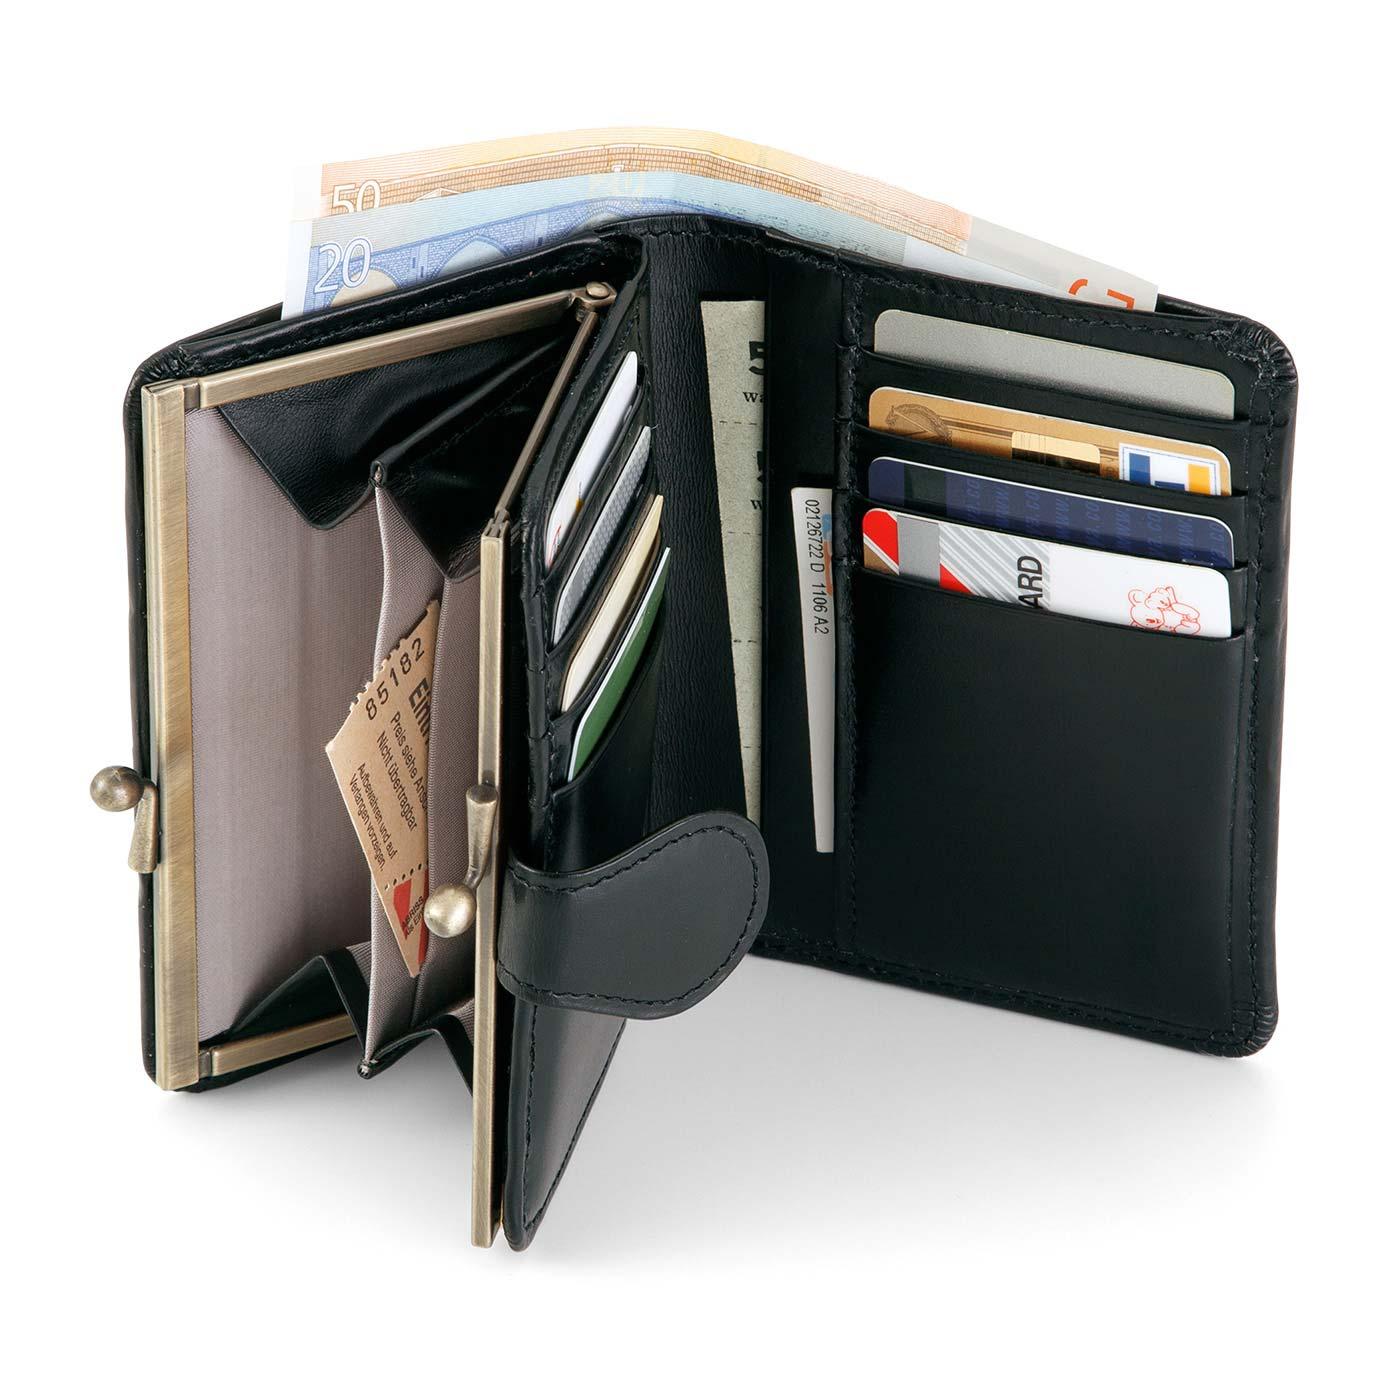 がばっと大きく開くがま口は、中身が見やすく、出し入れもスムーズ。カードポケットは8枚収納、オープンポケットは2室。